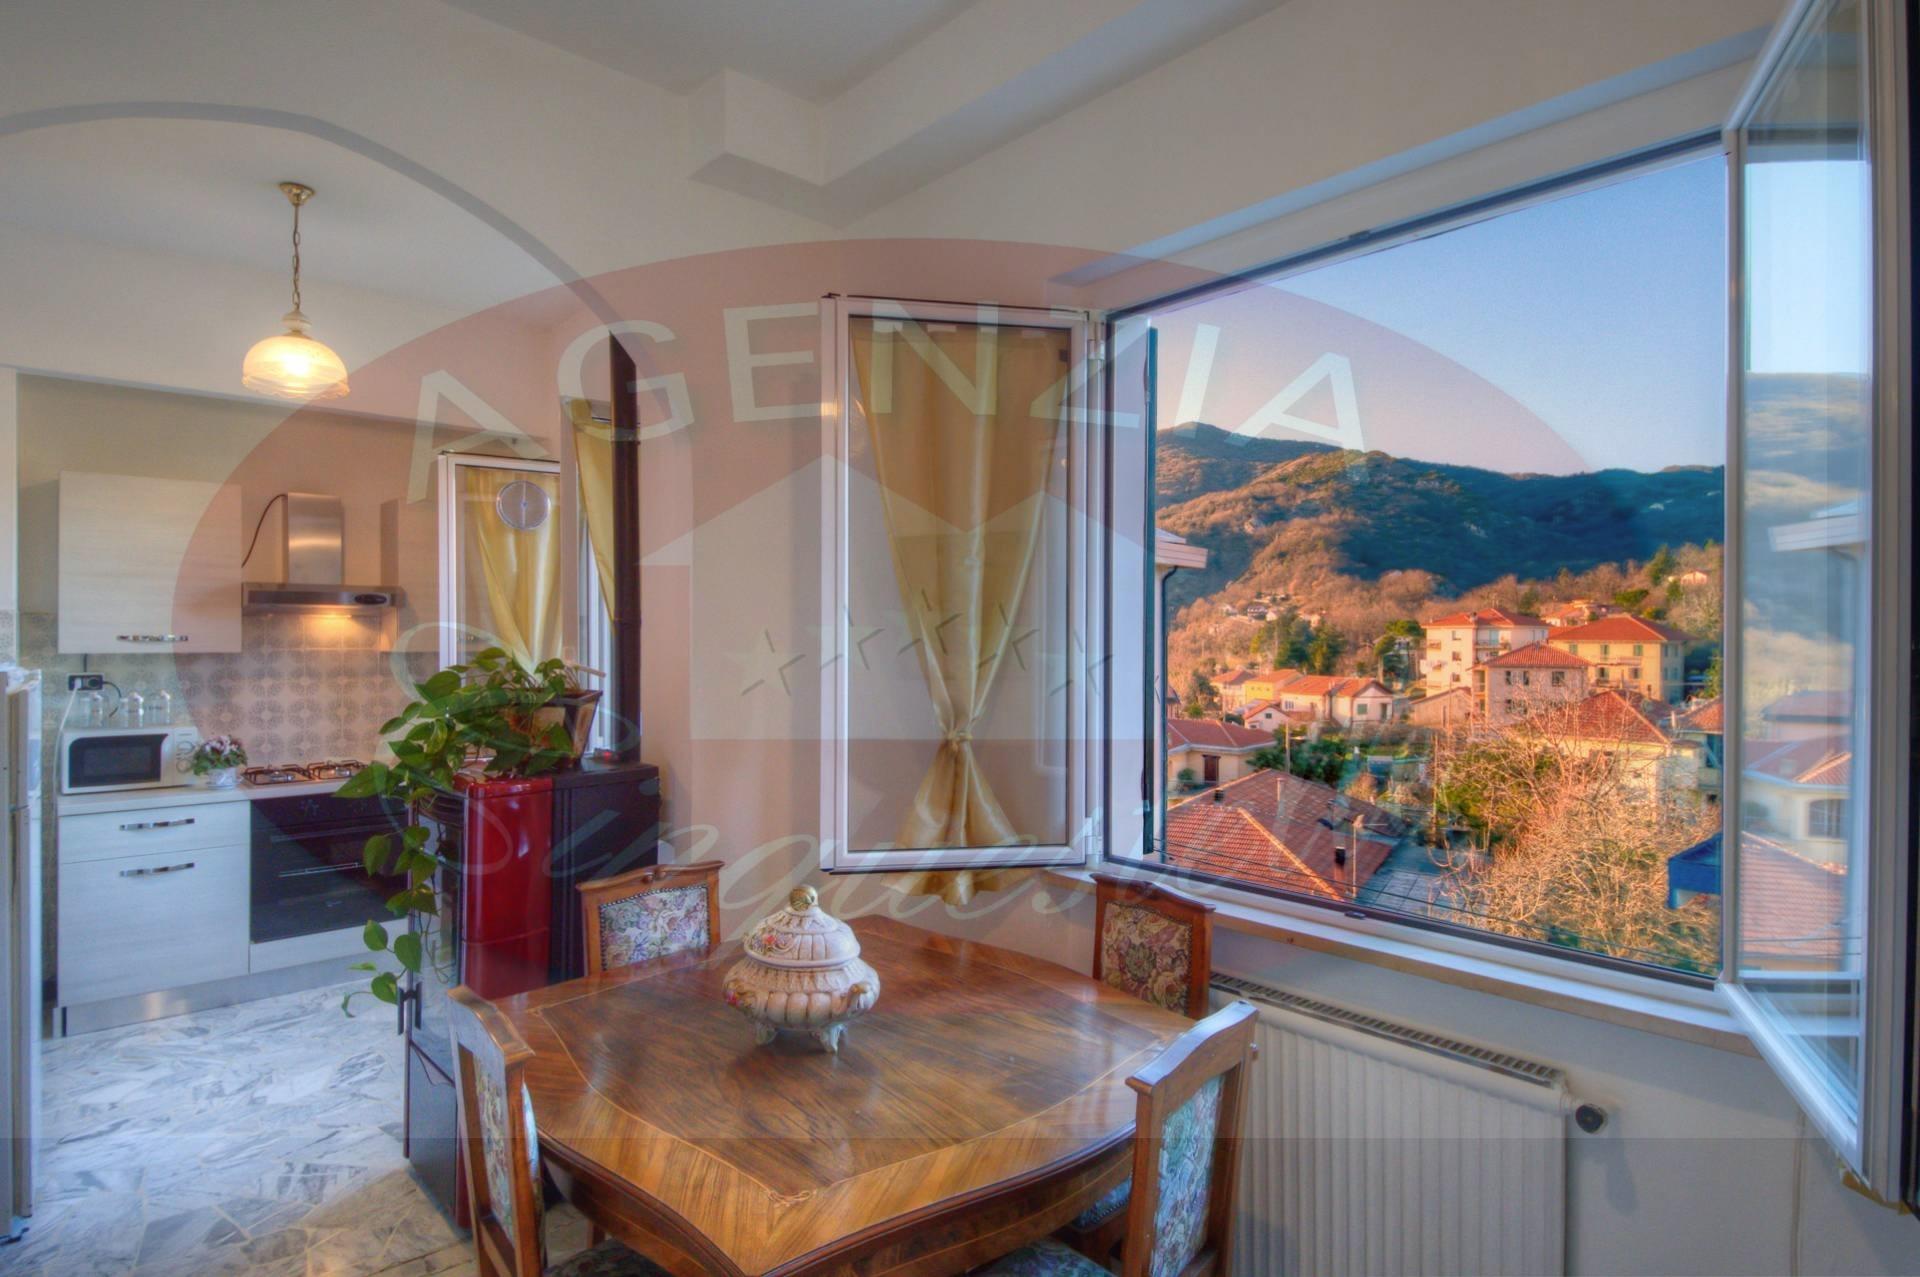 Appartamento in affitto a Stella, 2 locali, zona Località: SanBernando, prezzo € 350   PortaleAgenzieImmobiliari.it